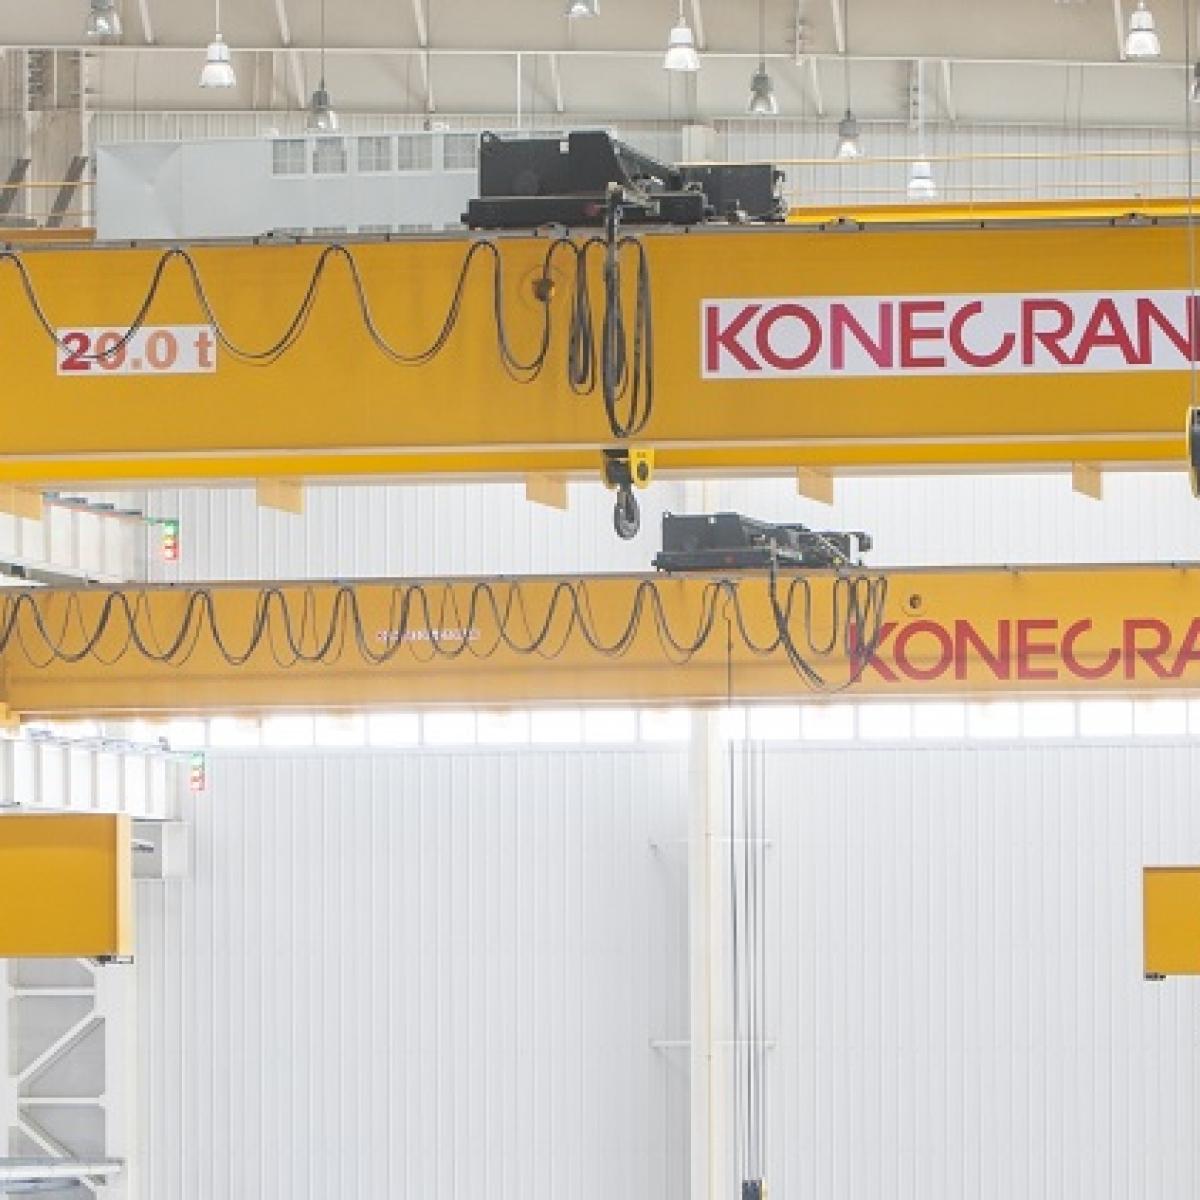 Cxt Wire Rope Hoist Cranes Konecranes Belarus Tractor Wiring Diagram